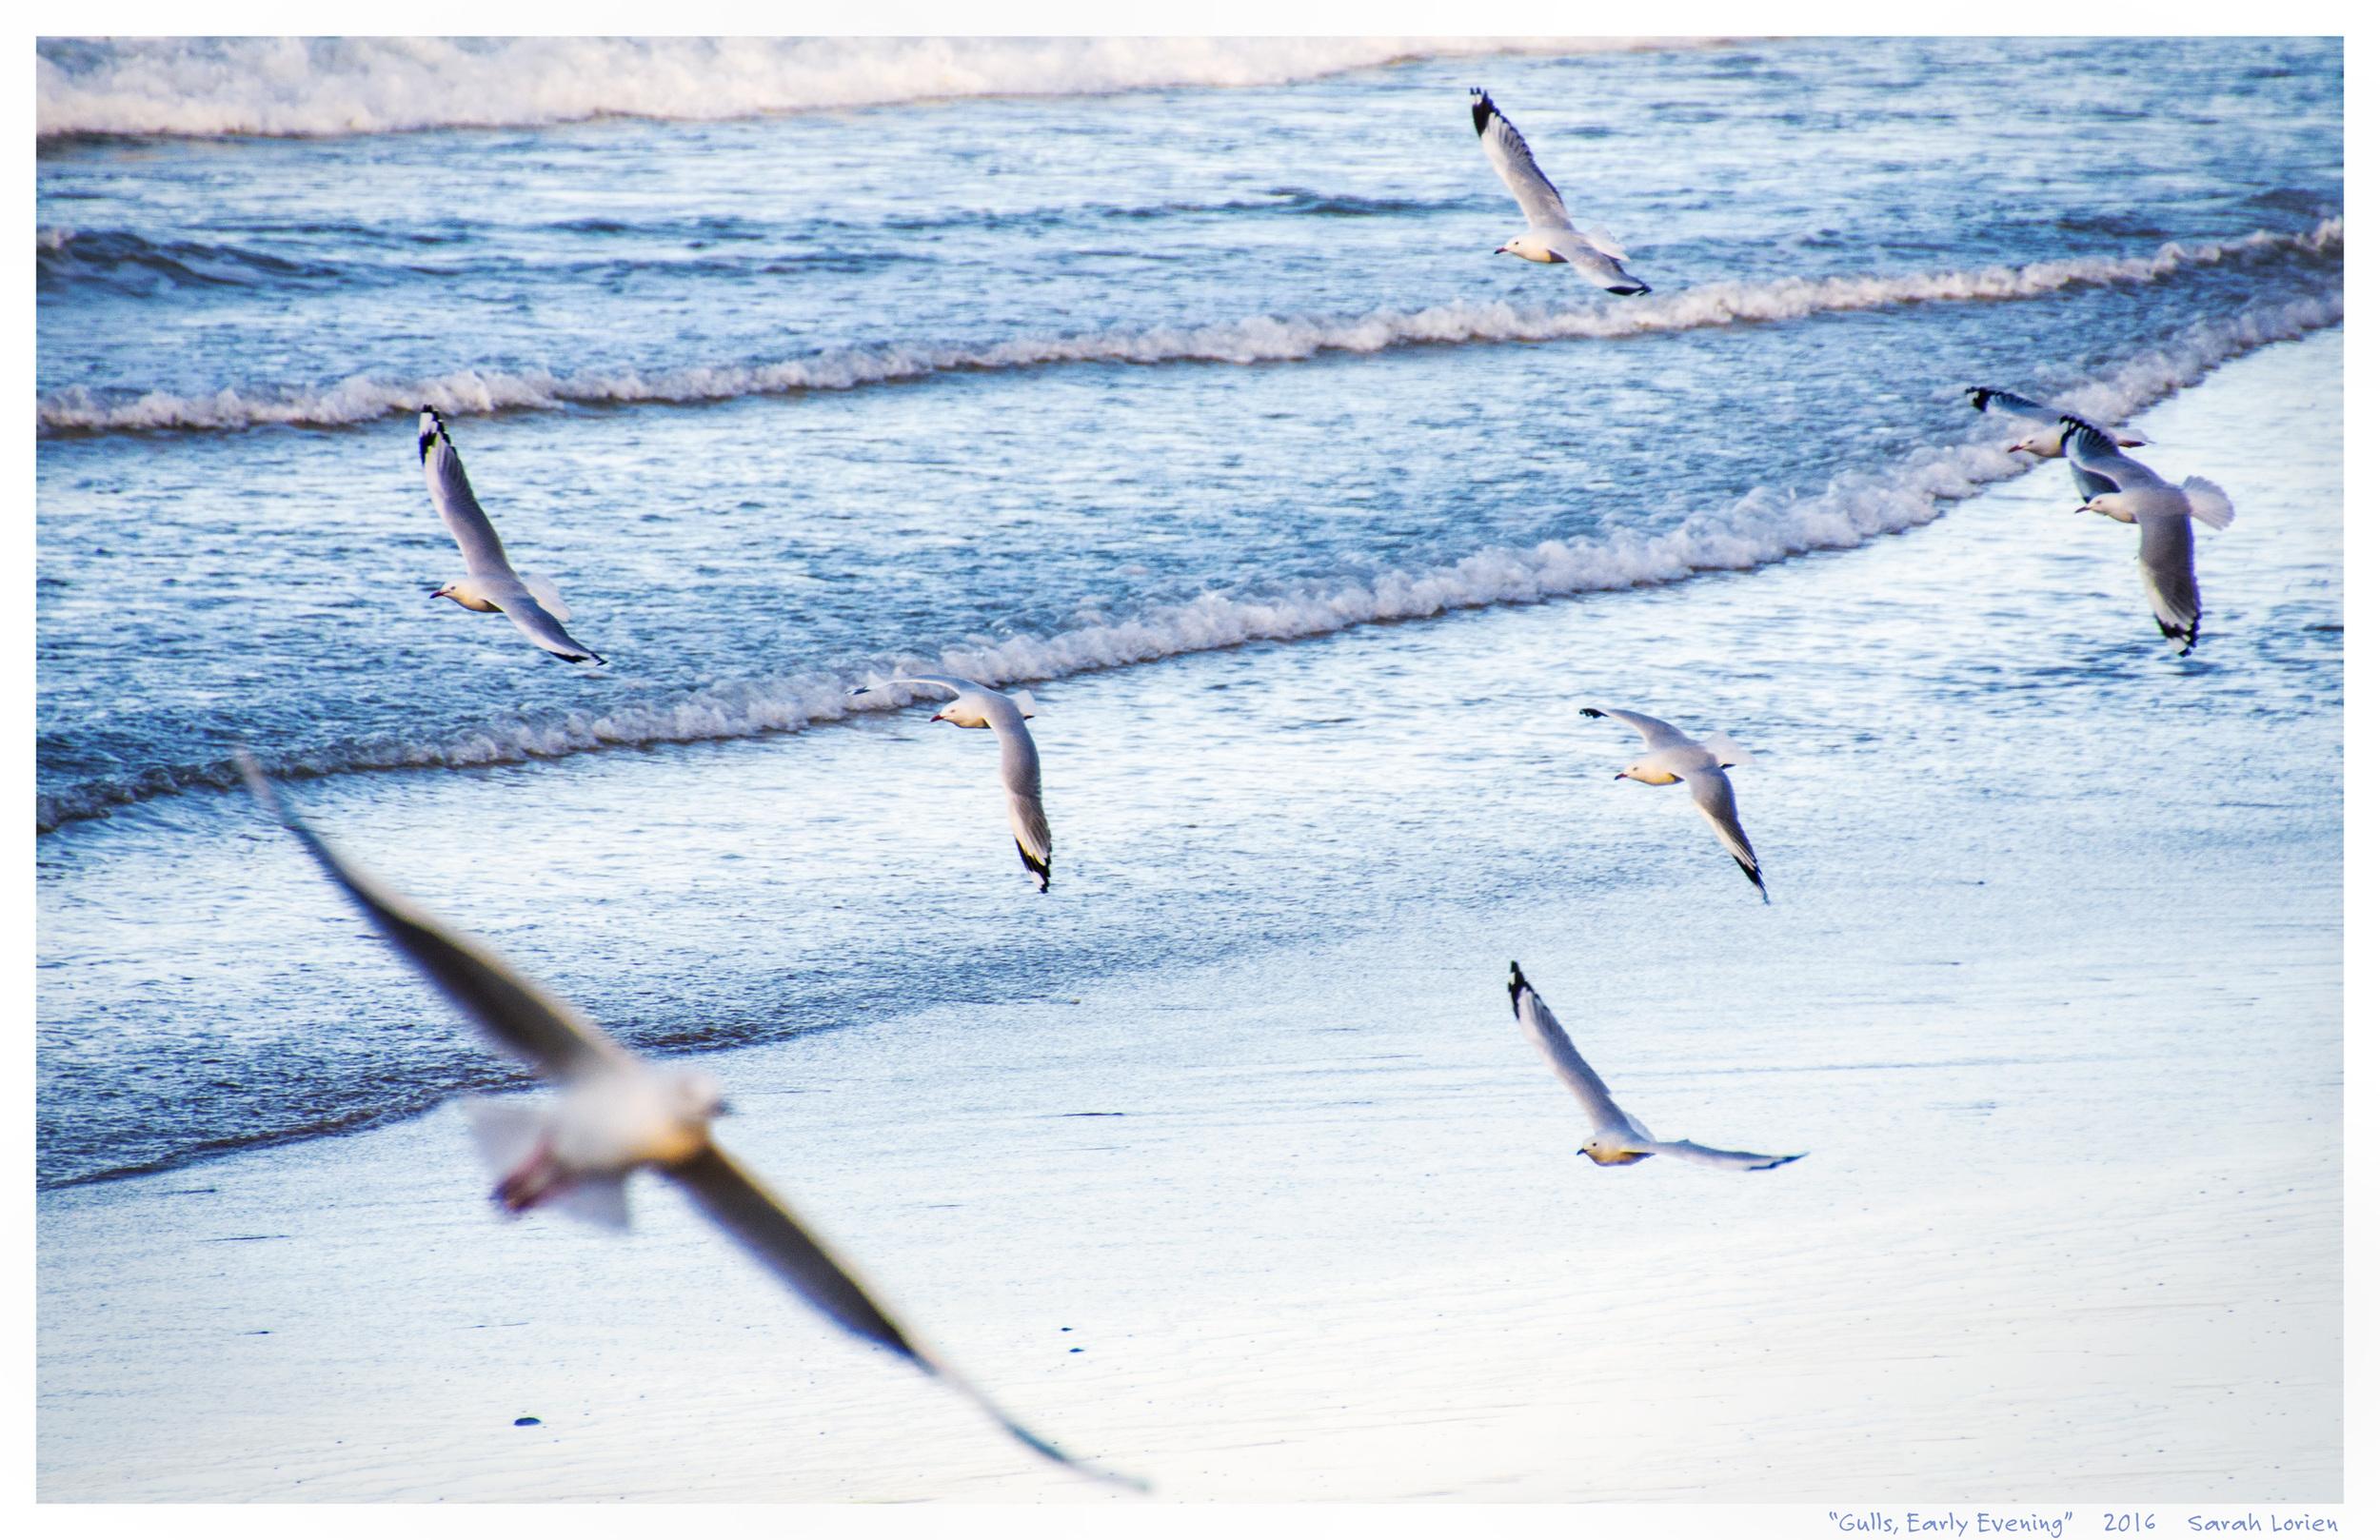 Seagulls swooping above evening waves, photo Sarah Lorien April 2016